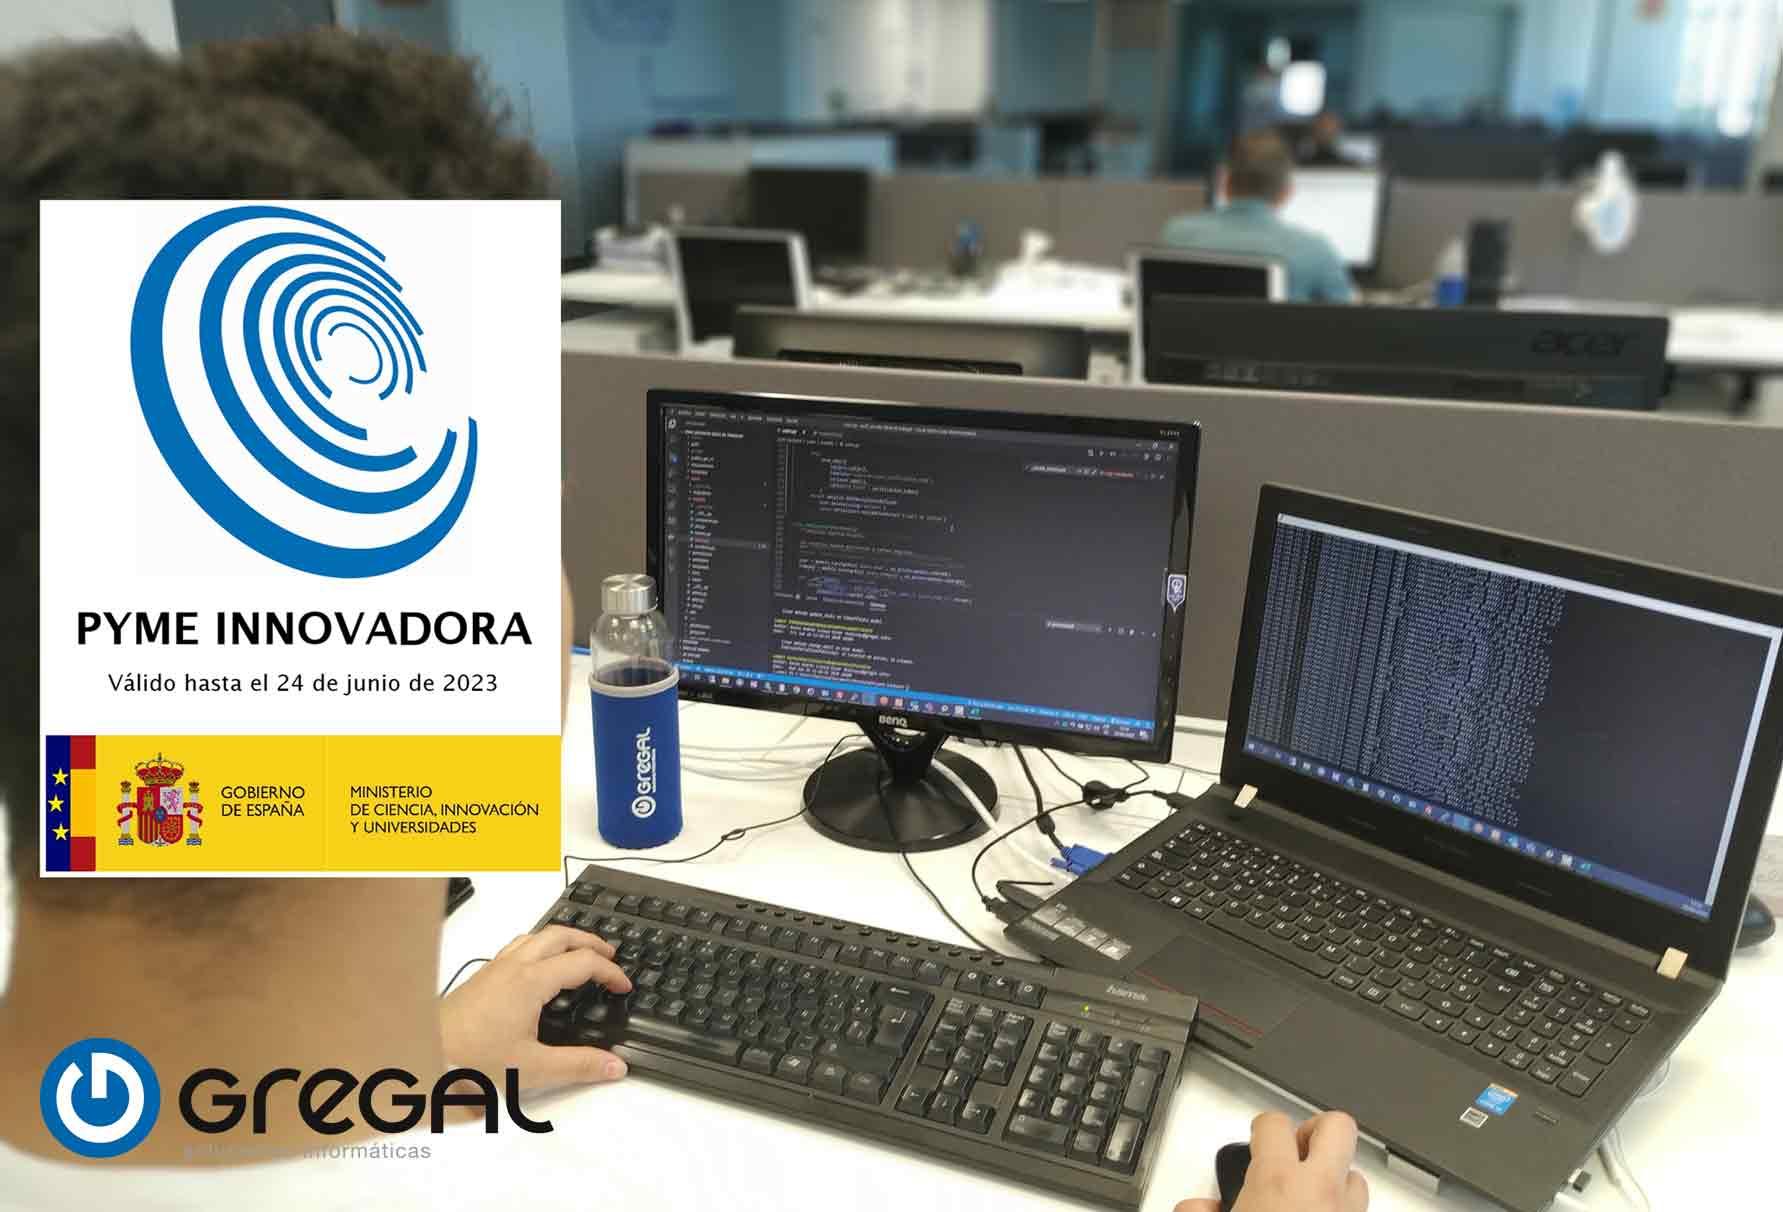 Gregal recibe el sello Pyme innovadora por su carácter innovador en el sector Agro